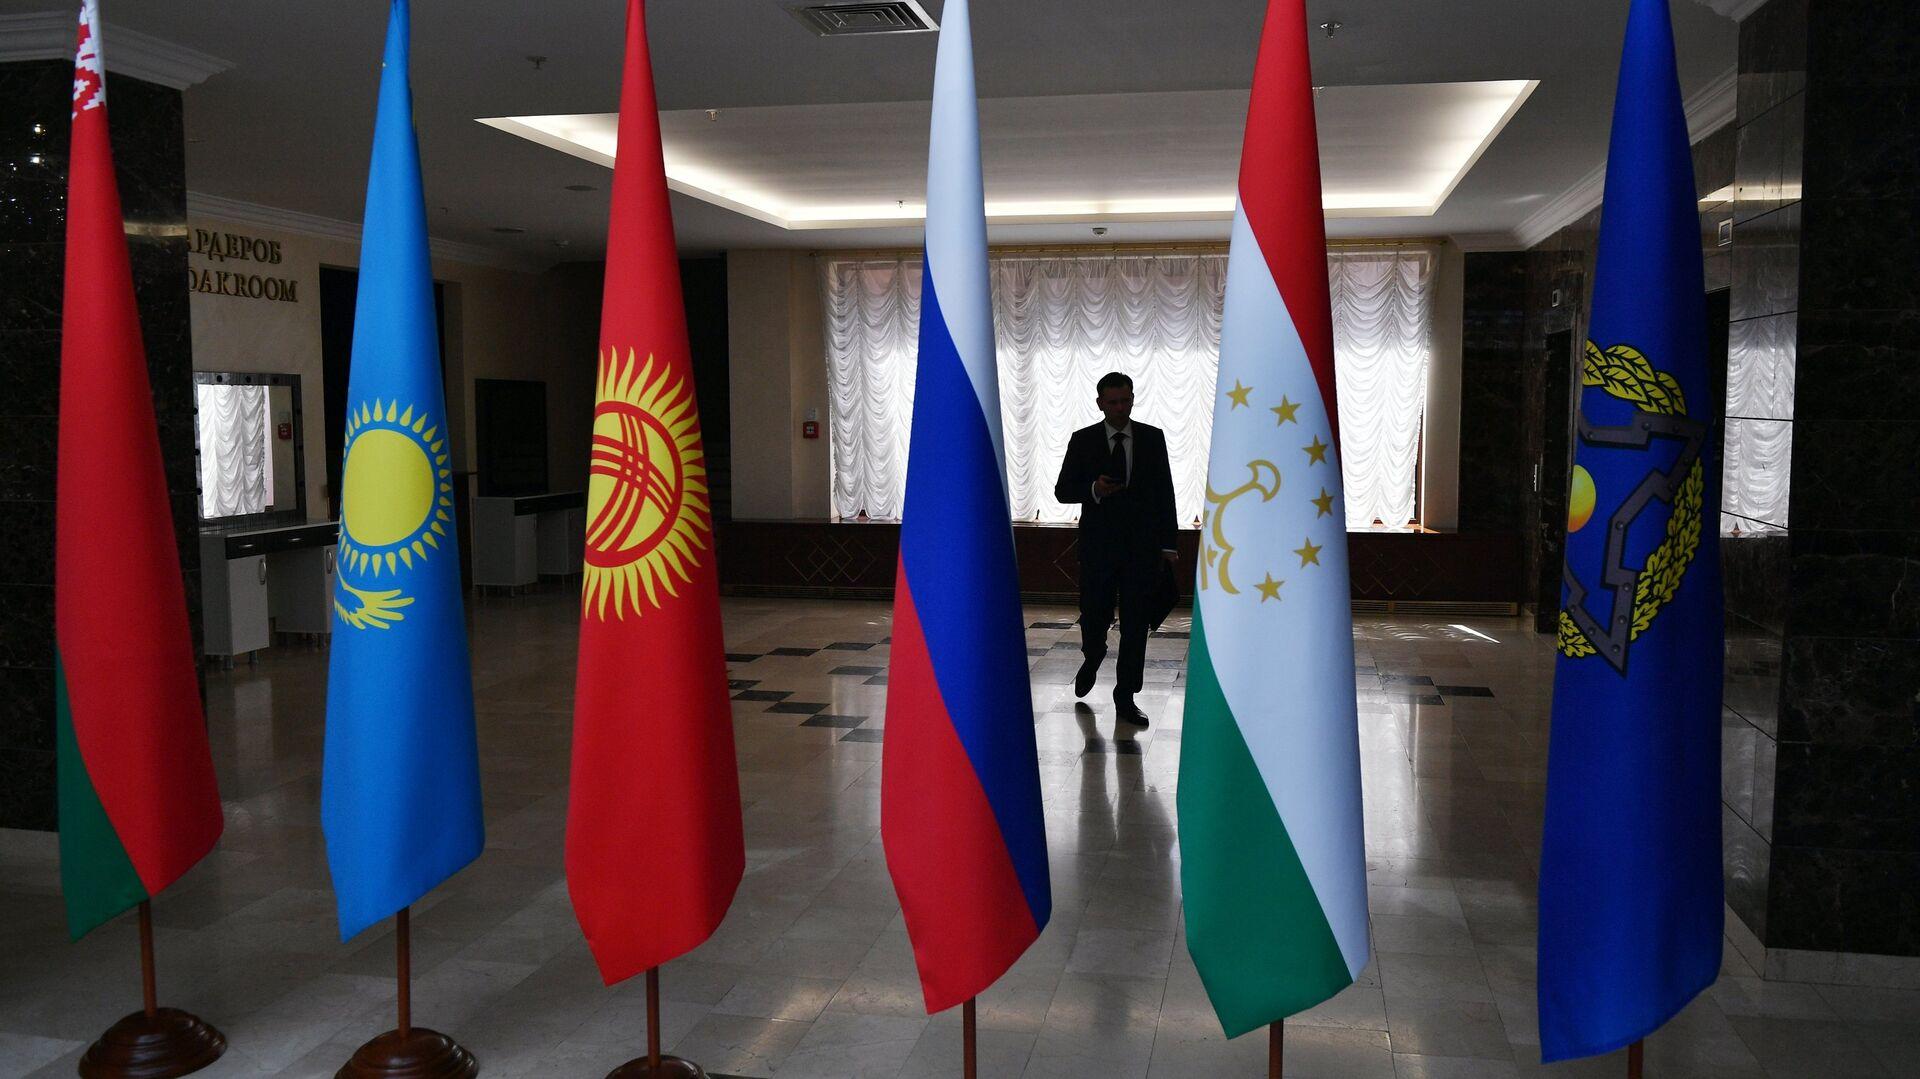 Las banderas de los países de la Organización del Tratado de Seguridad Colectiva (OTSC)  - Sputnik Mundo, 1920, 28.08.2021